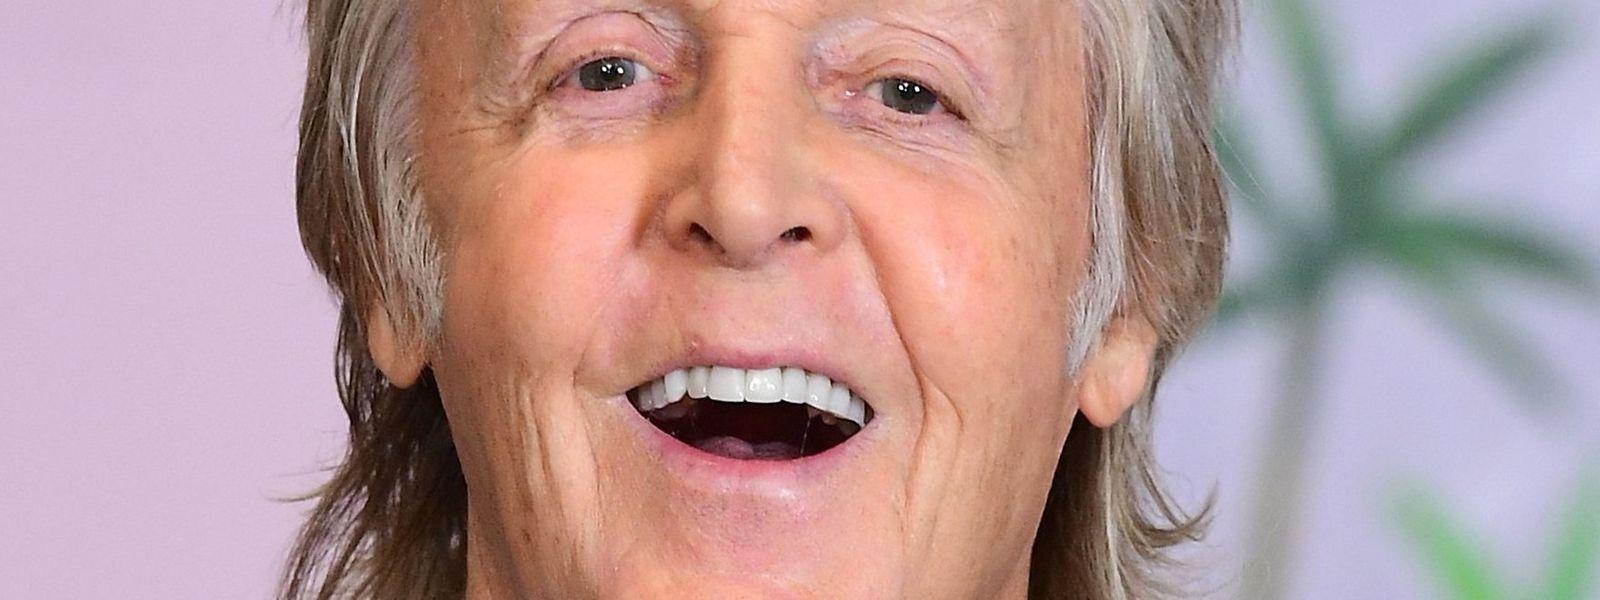 """Paul McCartney, Musiker aus Großbritannien, lacht während einer Autogrammstunde für sein neues Kinderbuch """"Hey Grandude"""" im Buchladen."""